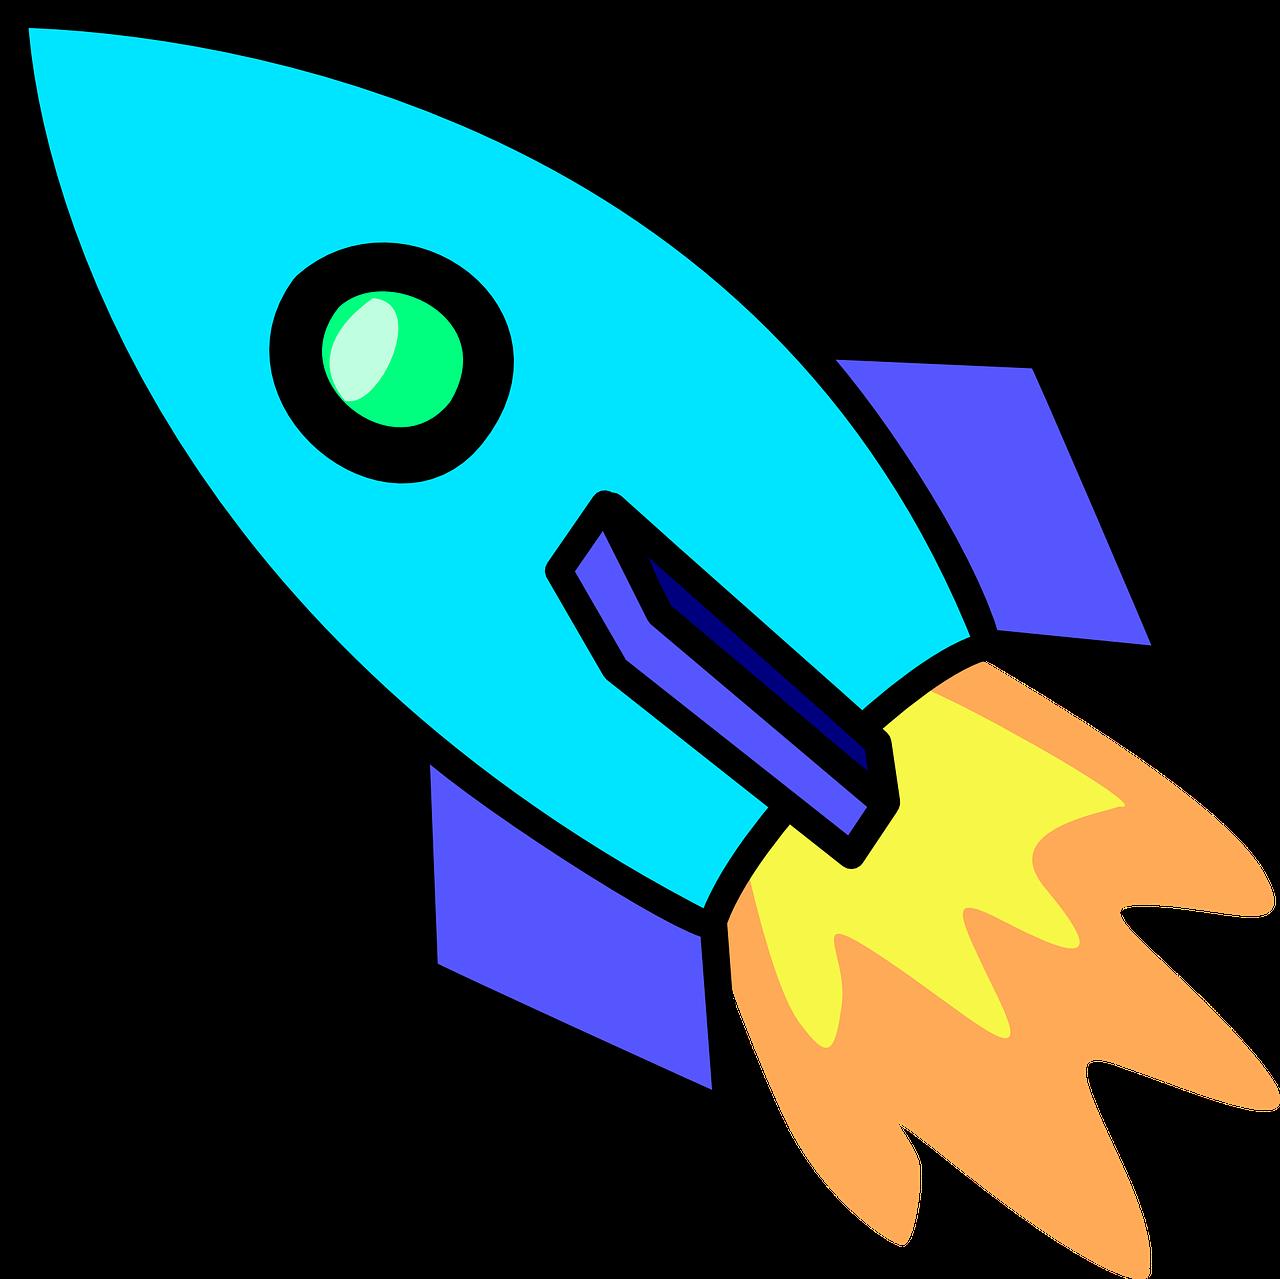 Rocket propulsion engine technol. Spaceship clipart space travel